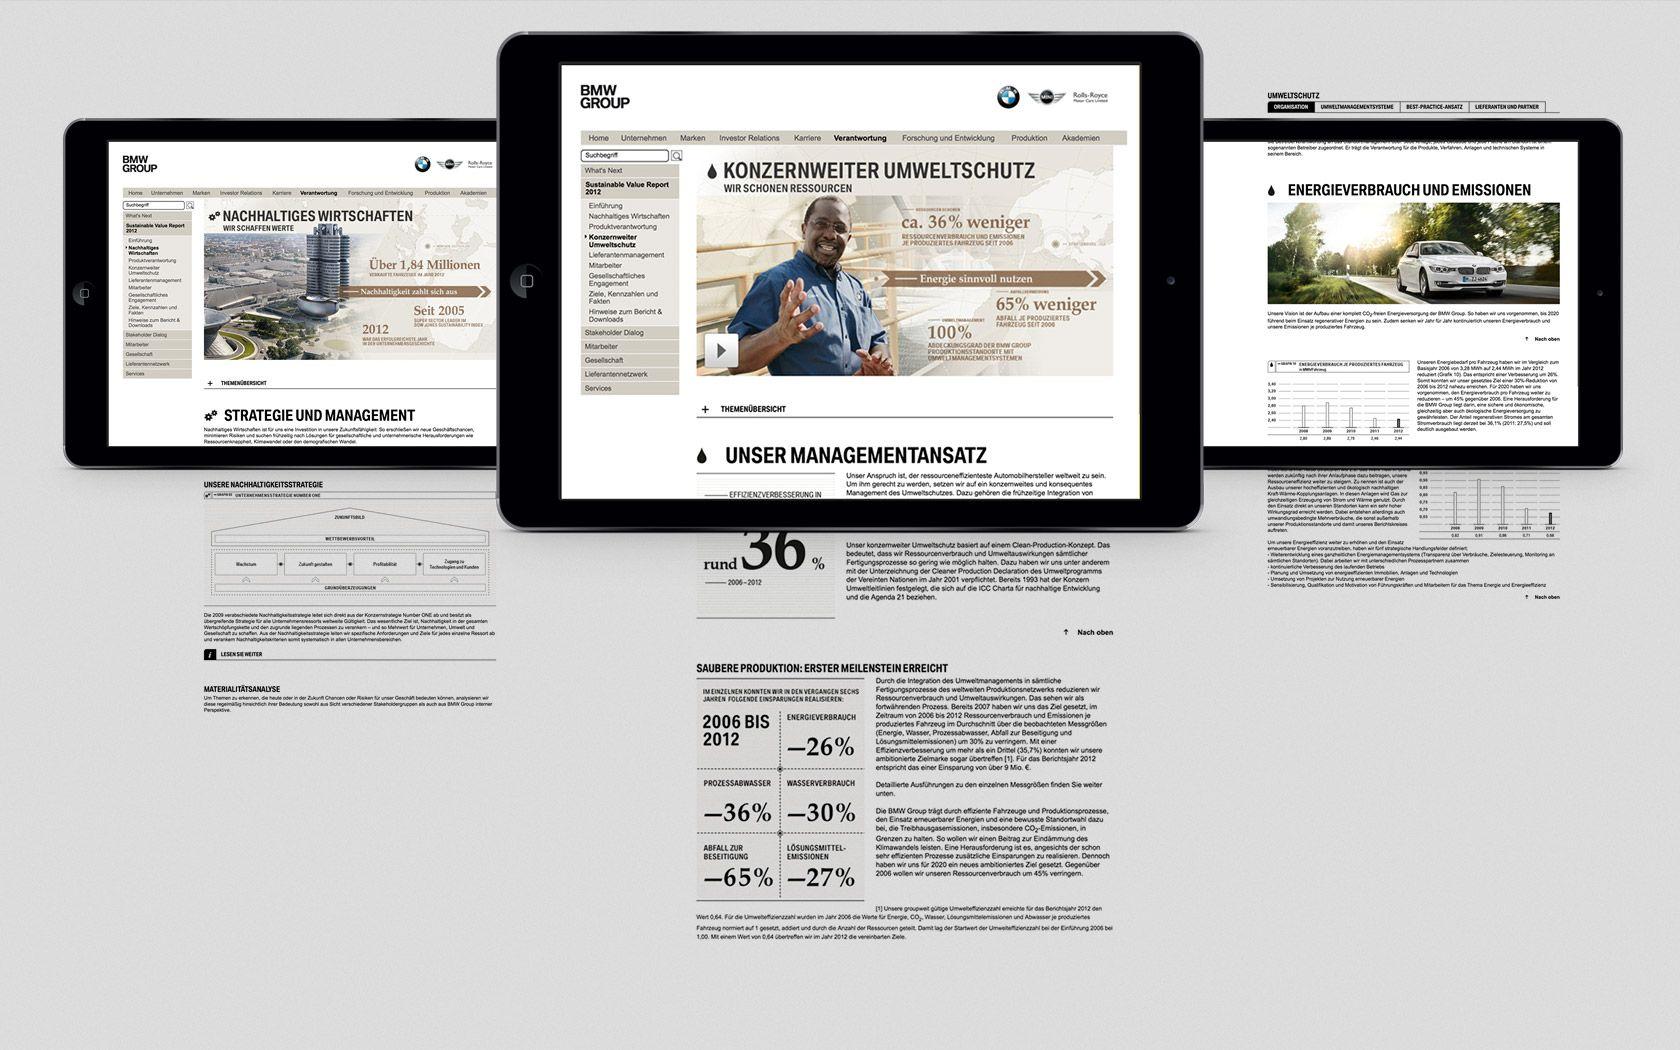 BMW Group Nachhaltigkeitskommunikation 2012 | STRICHPUNKT DESIGN